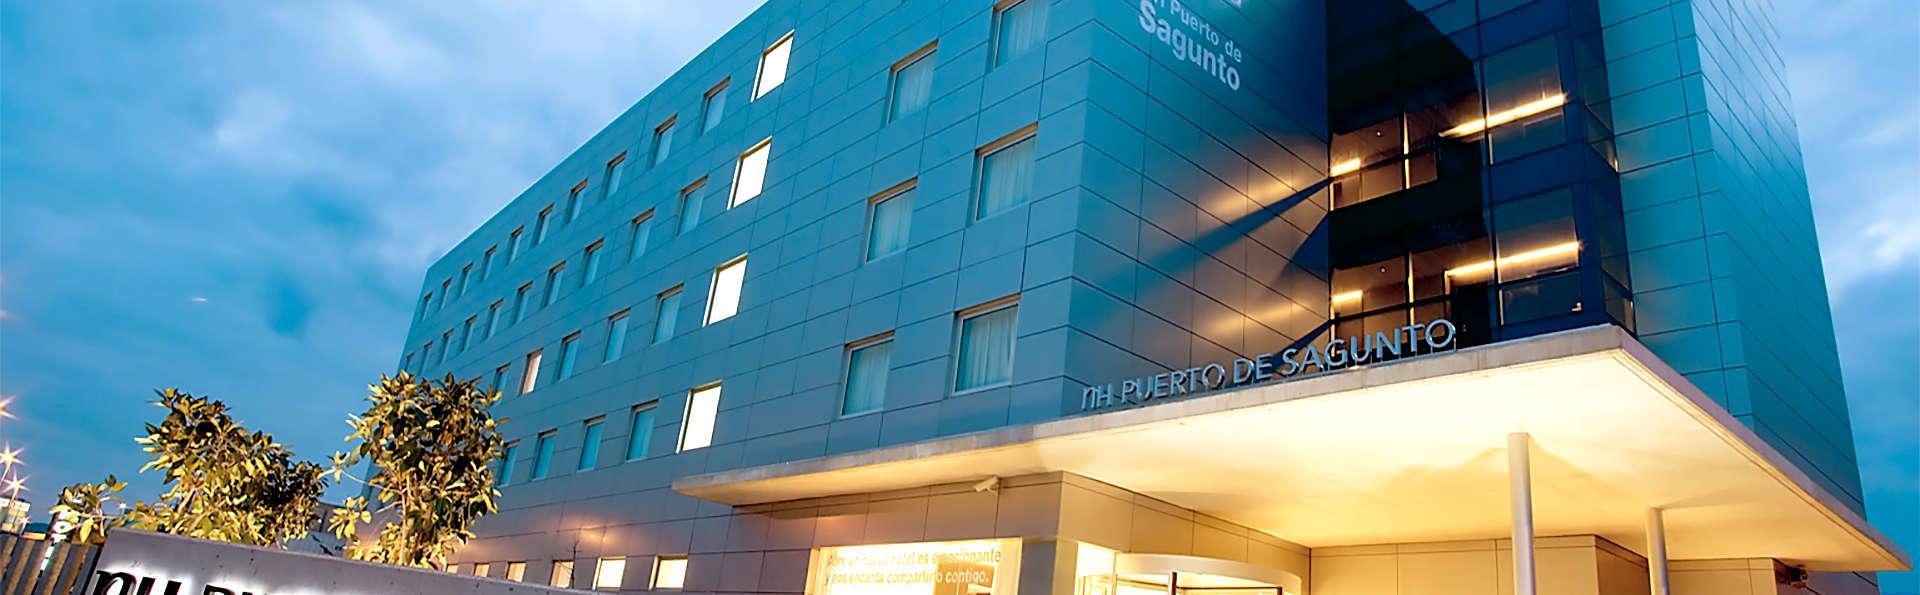 Hotel A Sagunto En Espagne